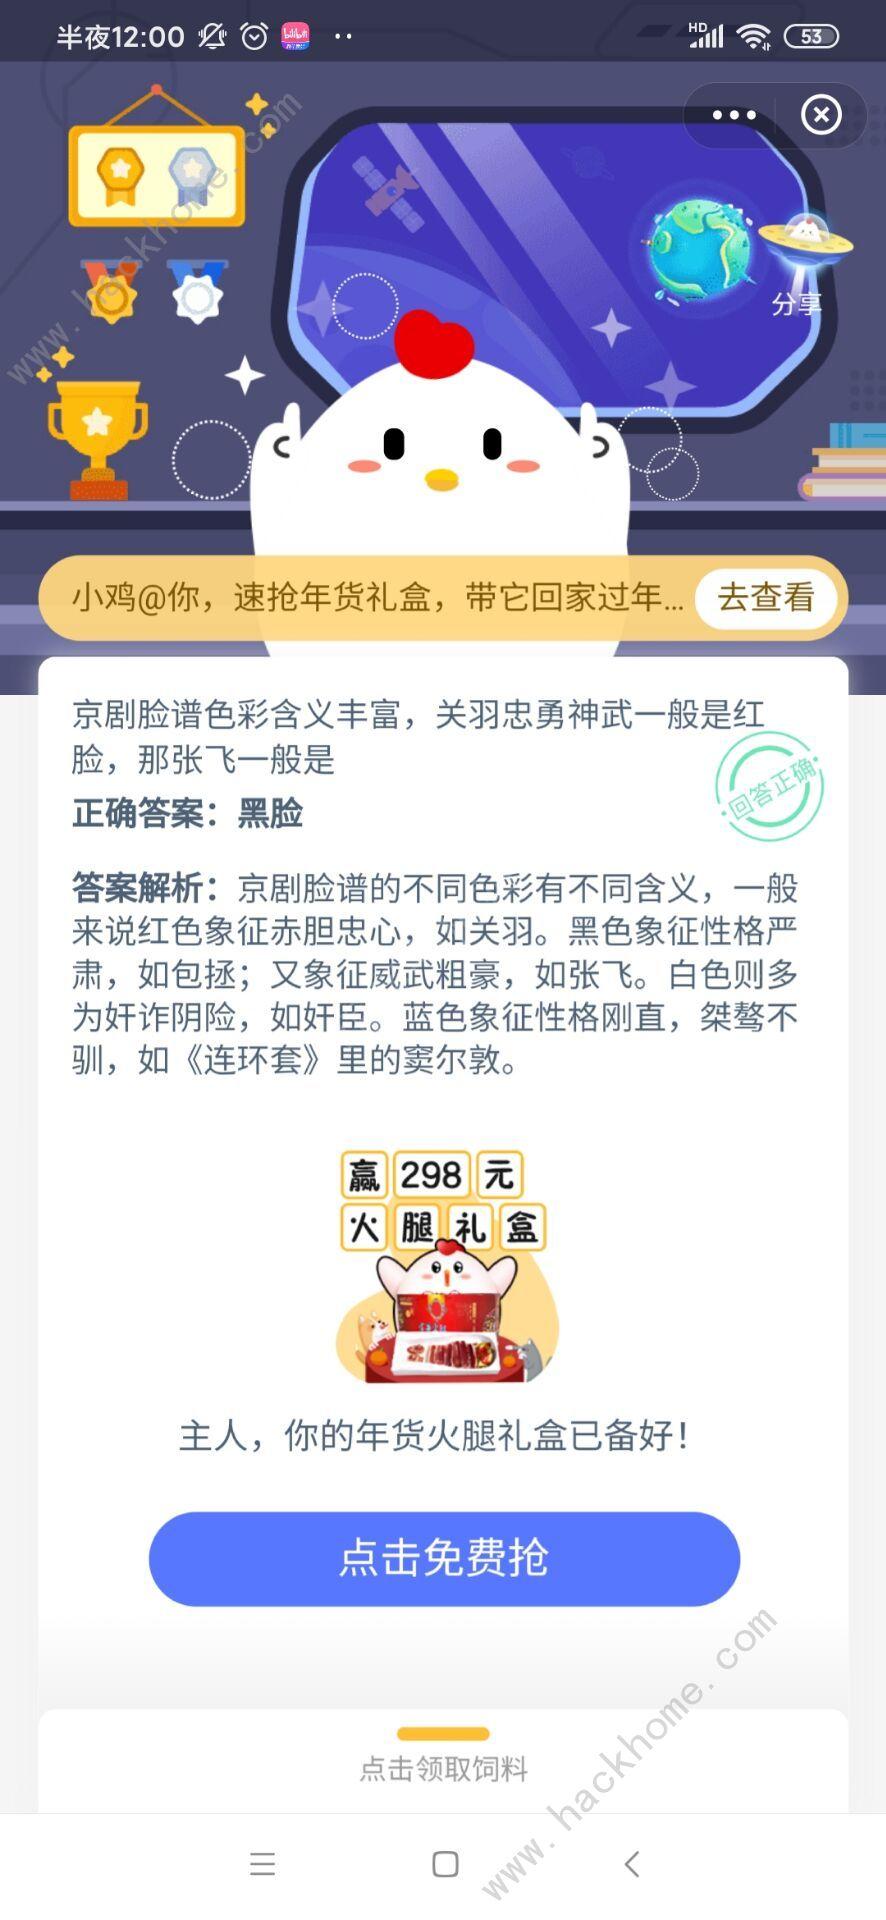 京剧脸谱色彩含义丰富关羽忠勇神武一般是红脸那张飞一般是 蚂蚁庄园1月8日答案[多图]图片2